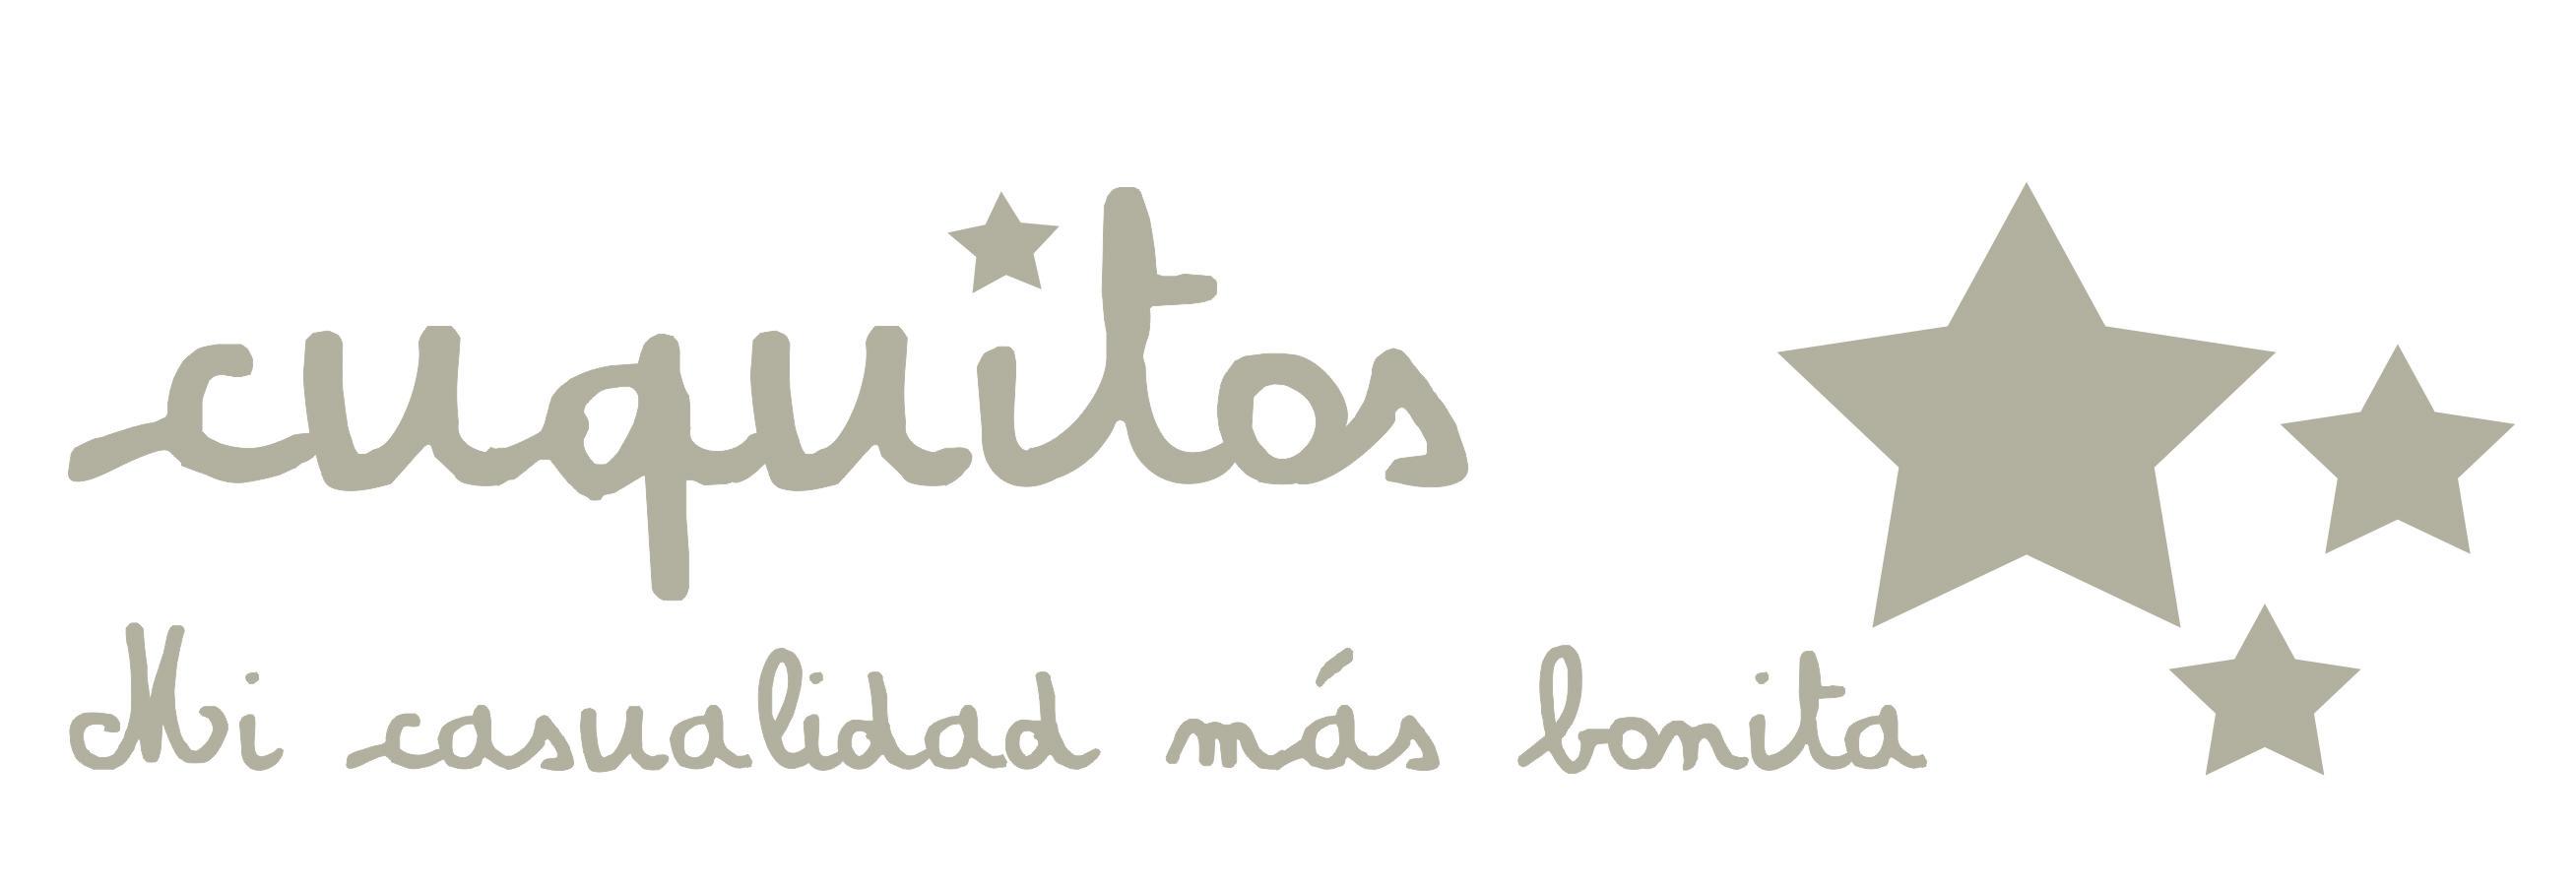 Cuquitos